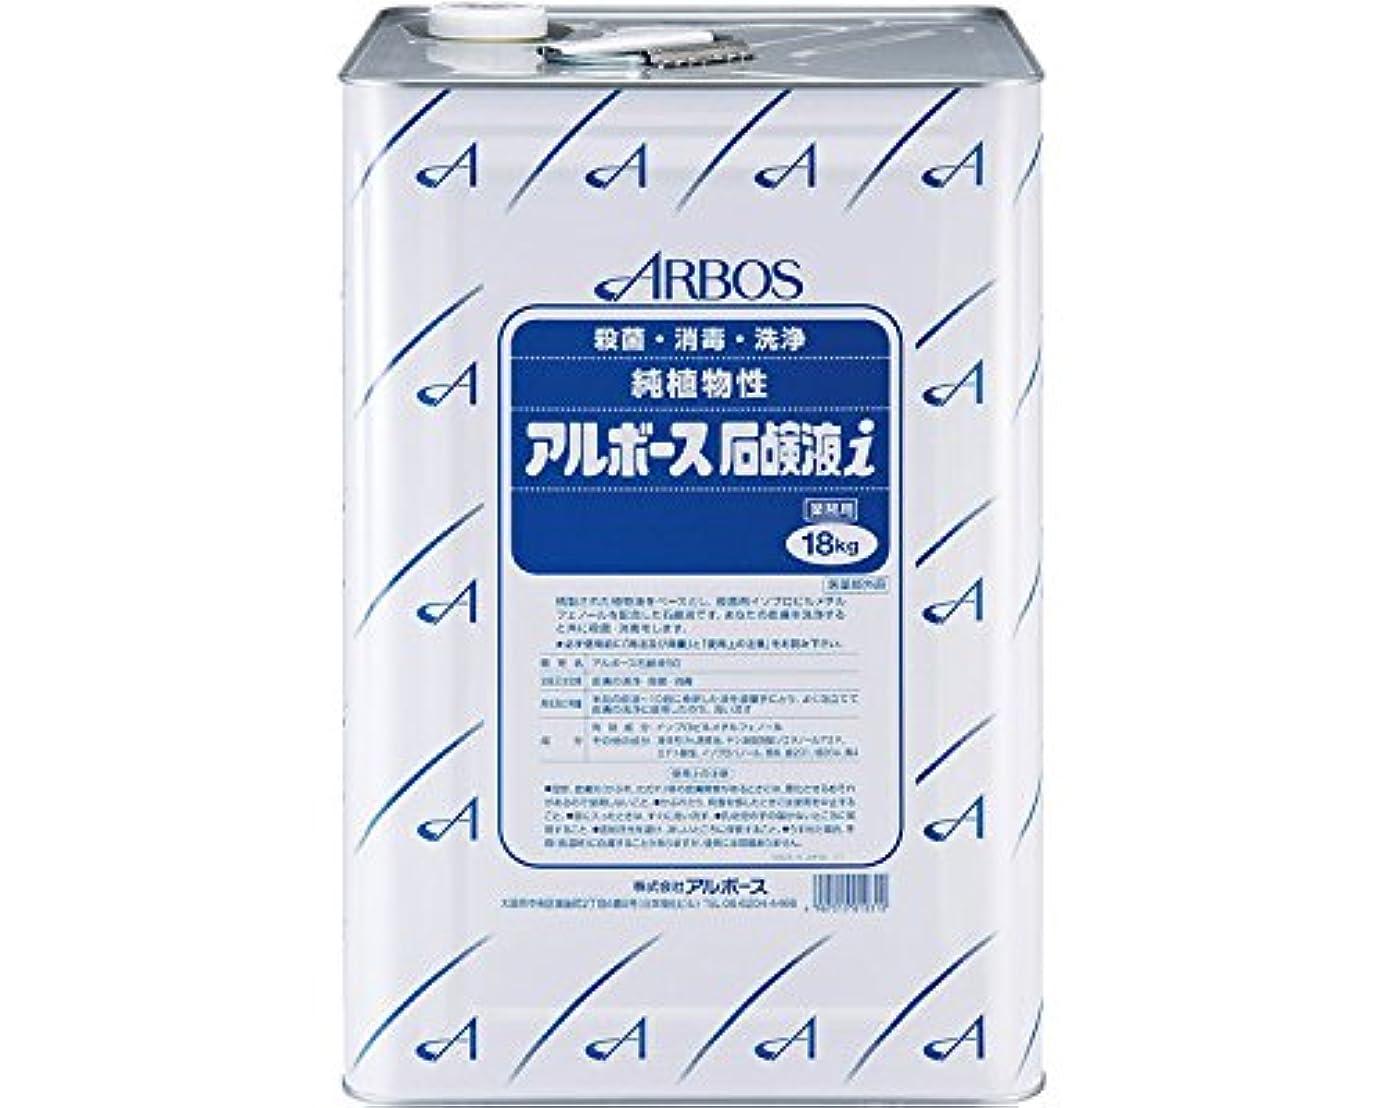 ポークマーカー病んでいるアルボース石鹸液i 18kg (アルボース)